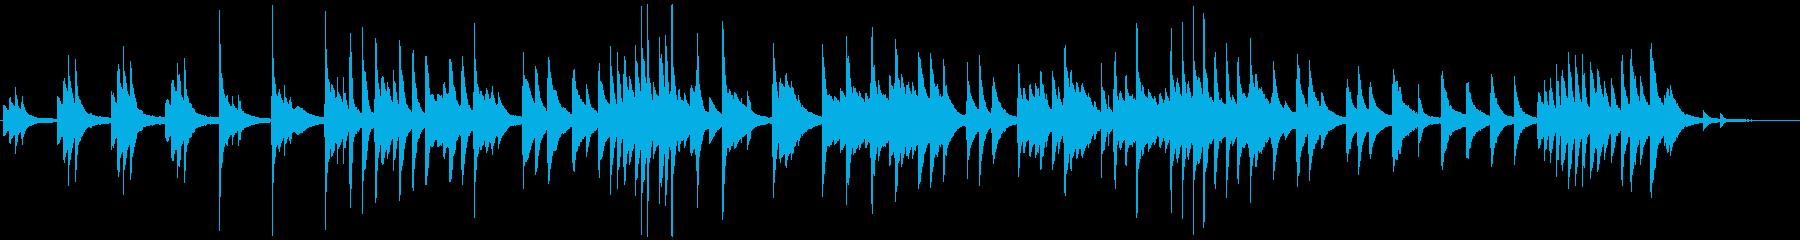 ゆったりと優しいピアノバラードの再生済みの波形